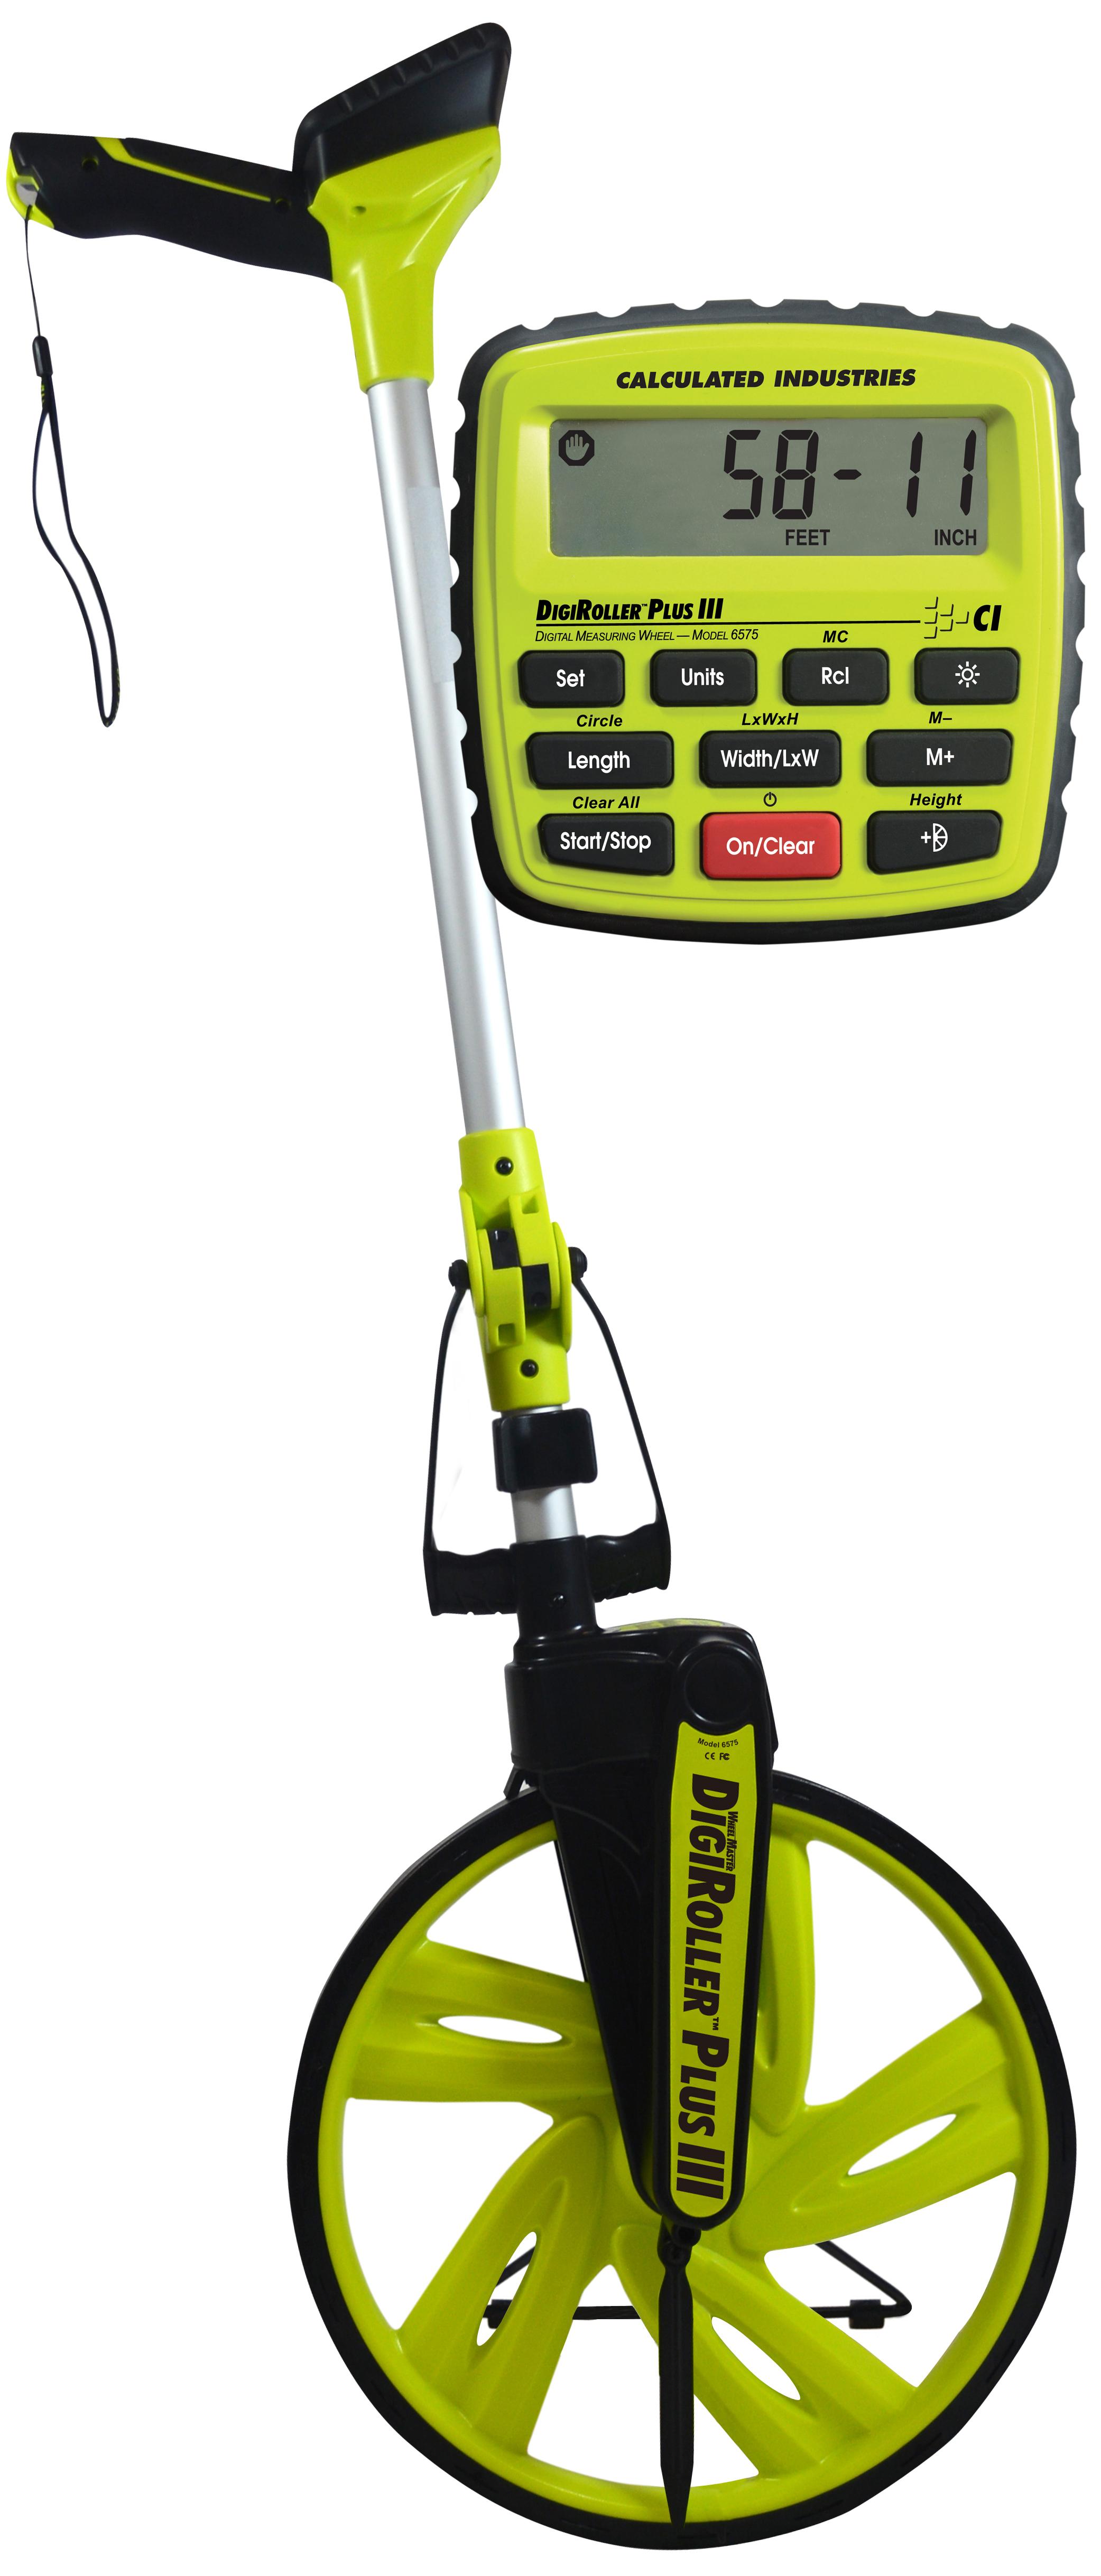 DigiRoller Plus III | Measuring Tools | Calculated Industries